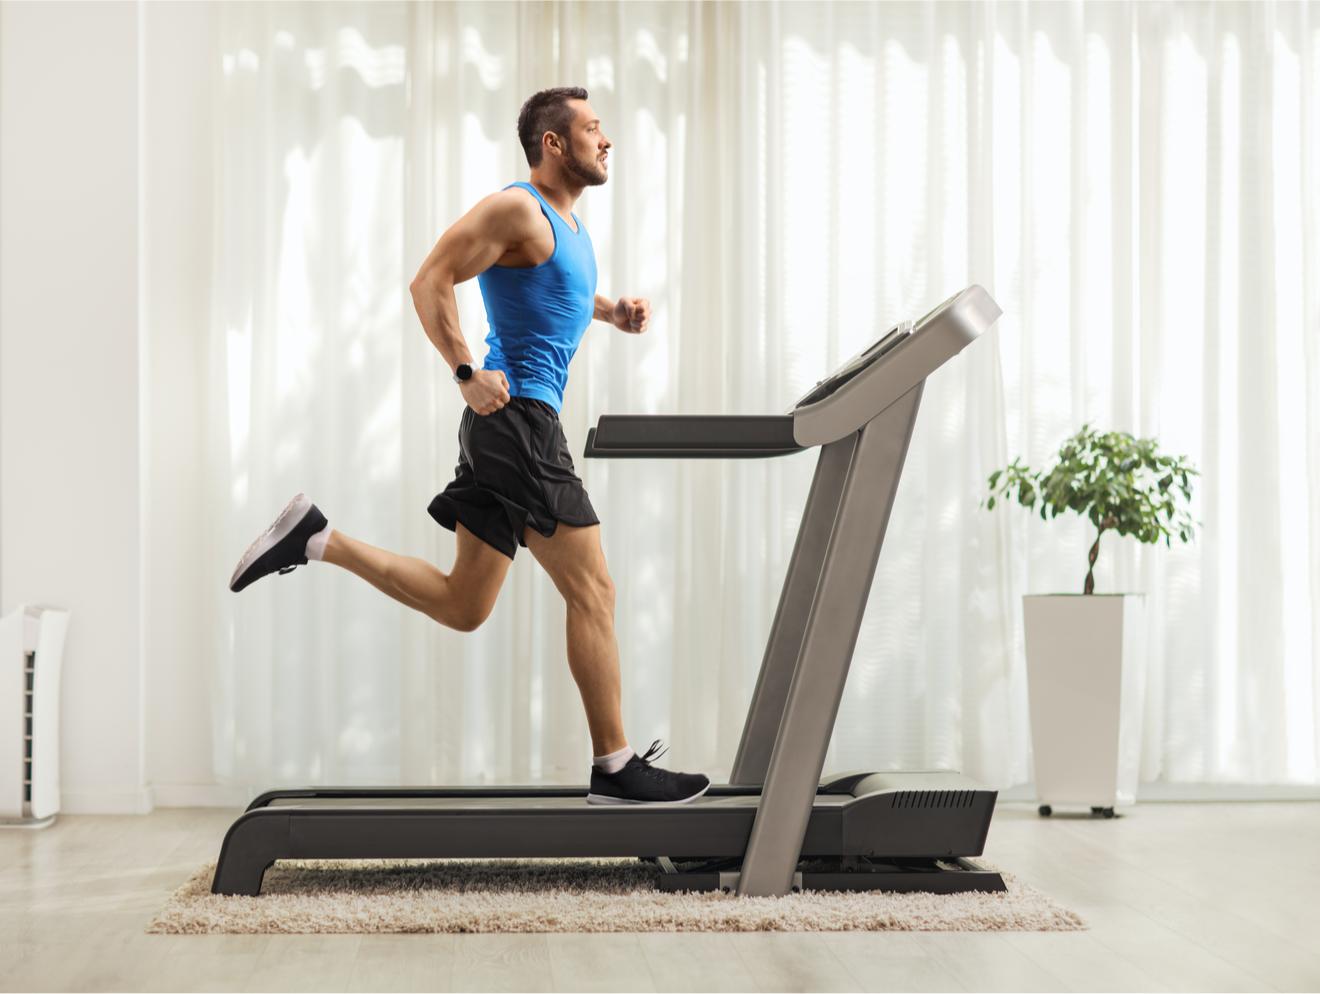 Un homme s'entraîne à la maison sur son tapis de course